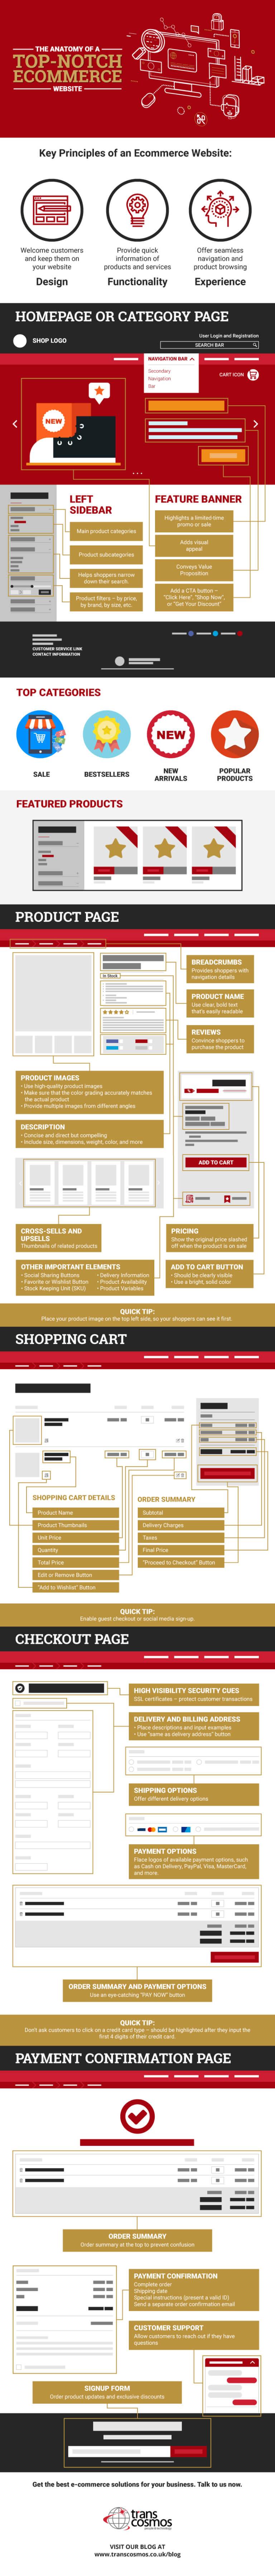 Cara Memaksimalkan Penjualan Produk : Anatomi Toko Online yang Sukses